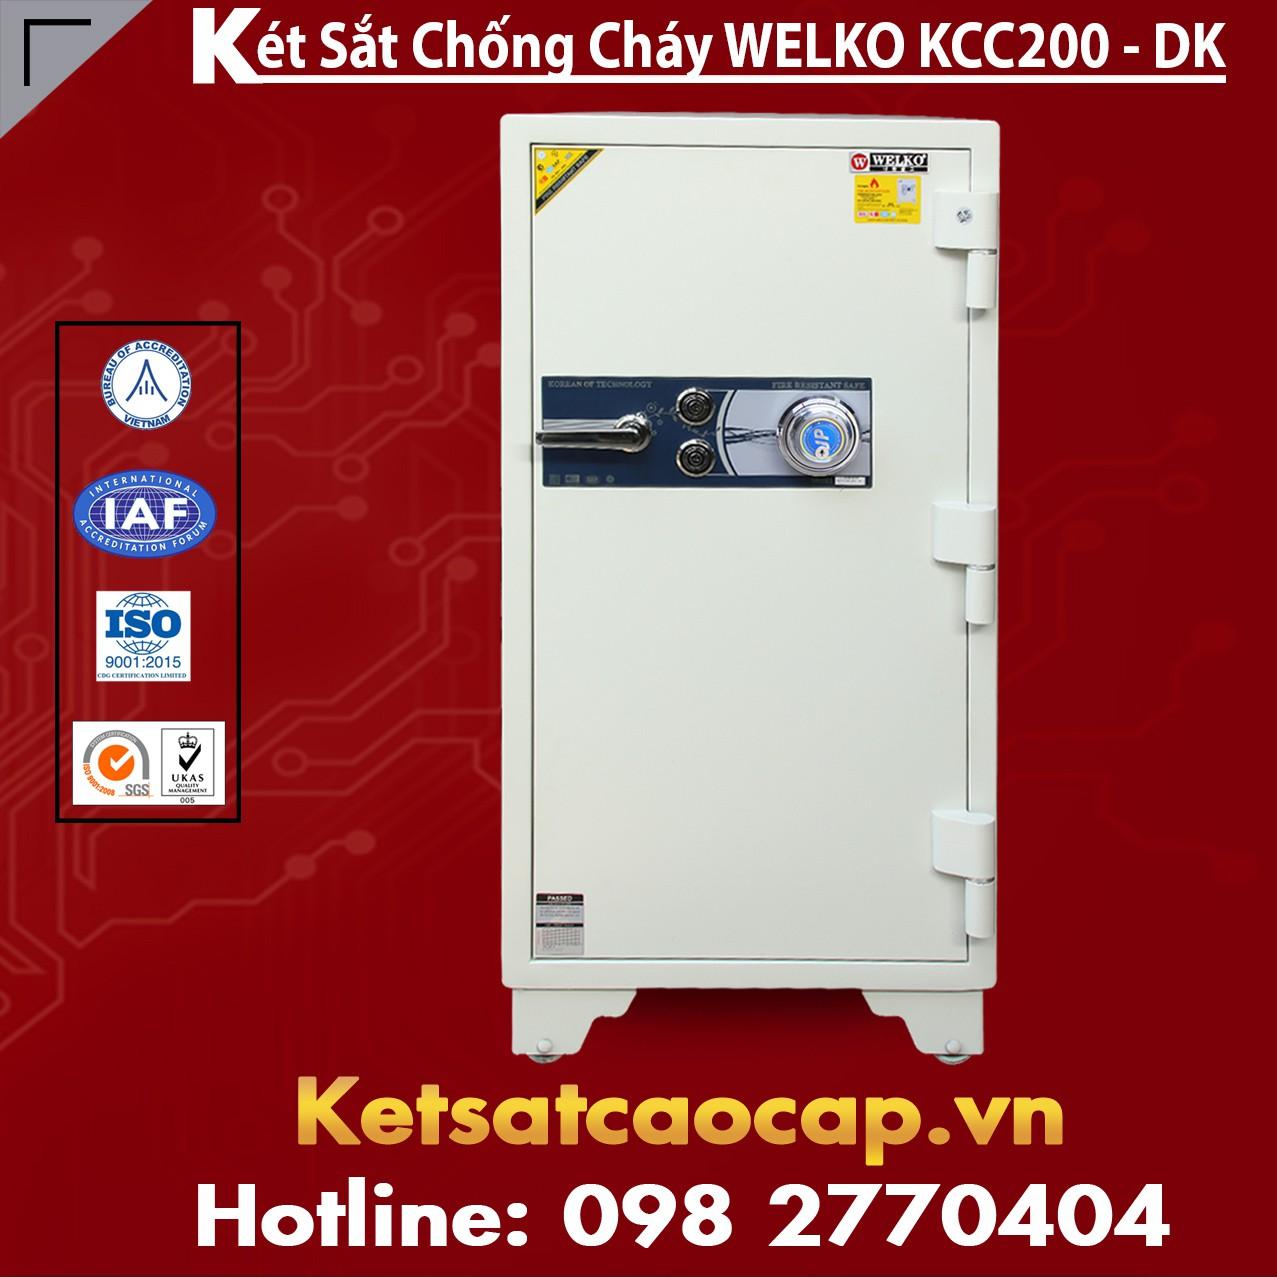 Két Sắt Sài Gòn KCC200 - DK